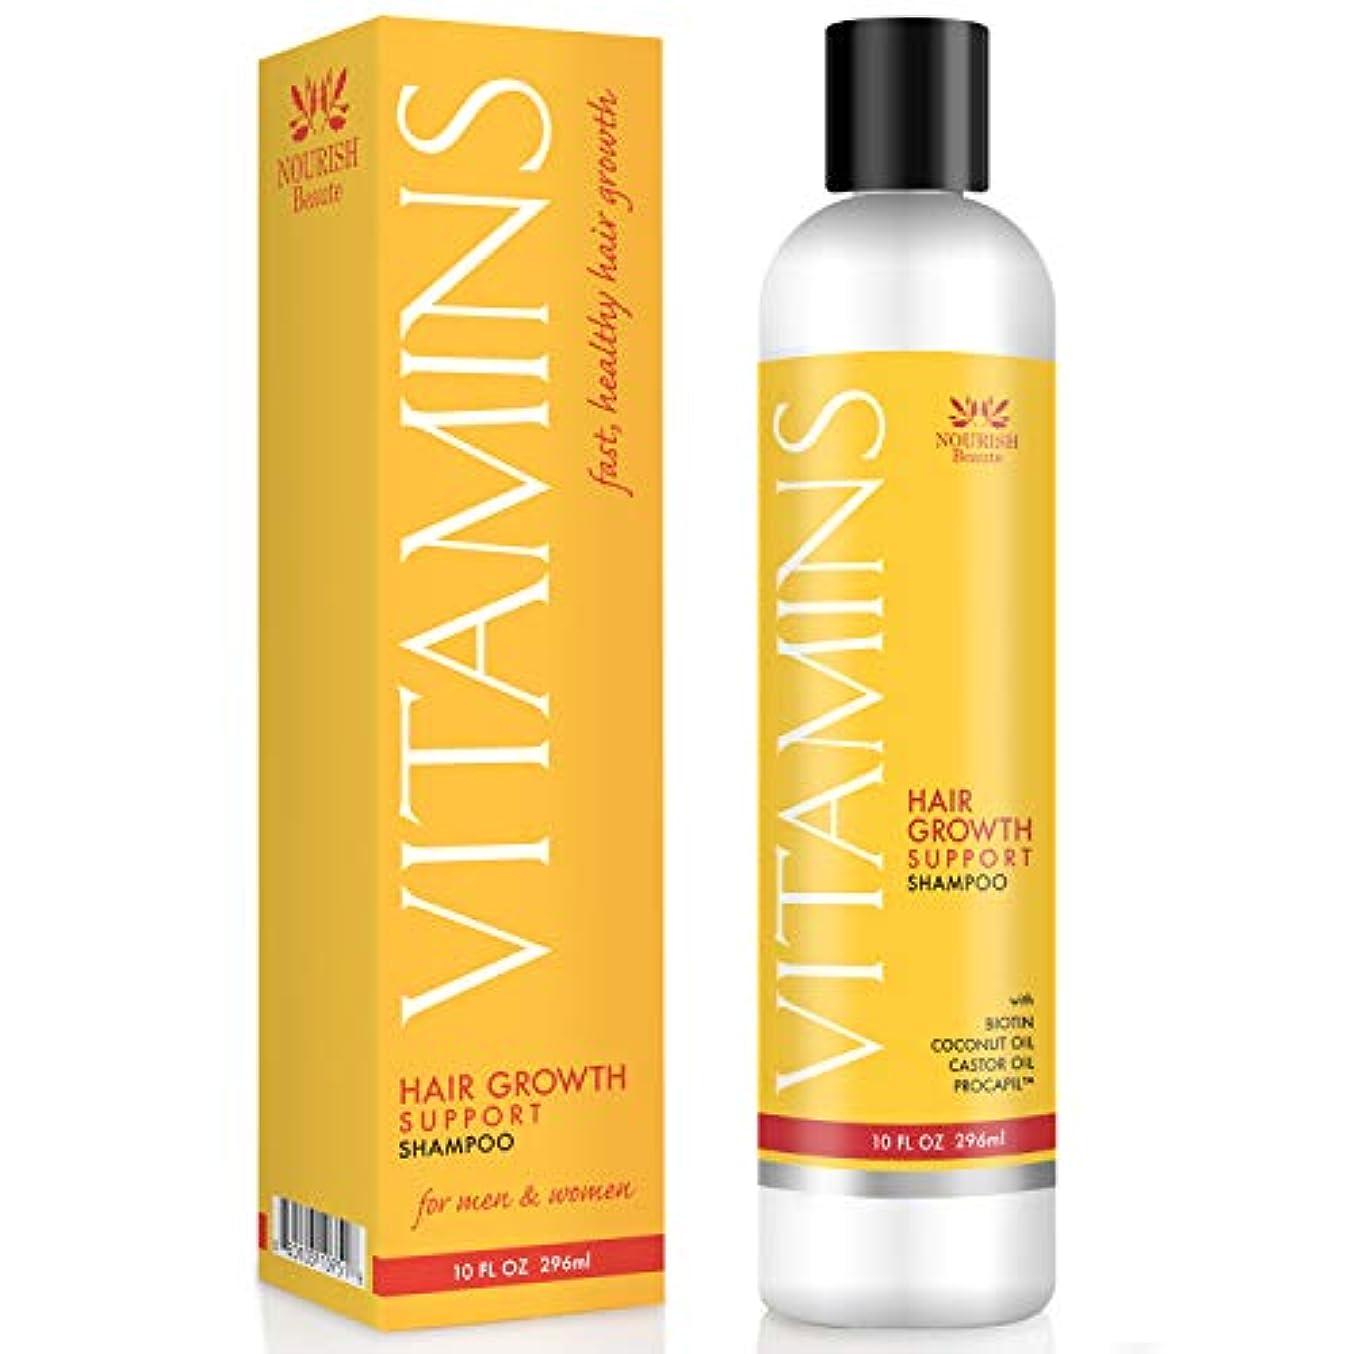 マスタードジャケット農村Vitamins Hair Loss Shampoo - 121% Regrowth and 47% Less Thinning - With DHT Blockers and Biotin for Hair Growth...